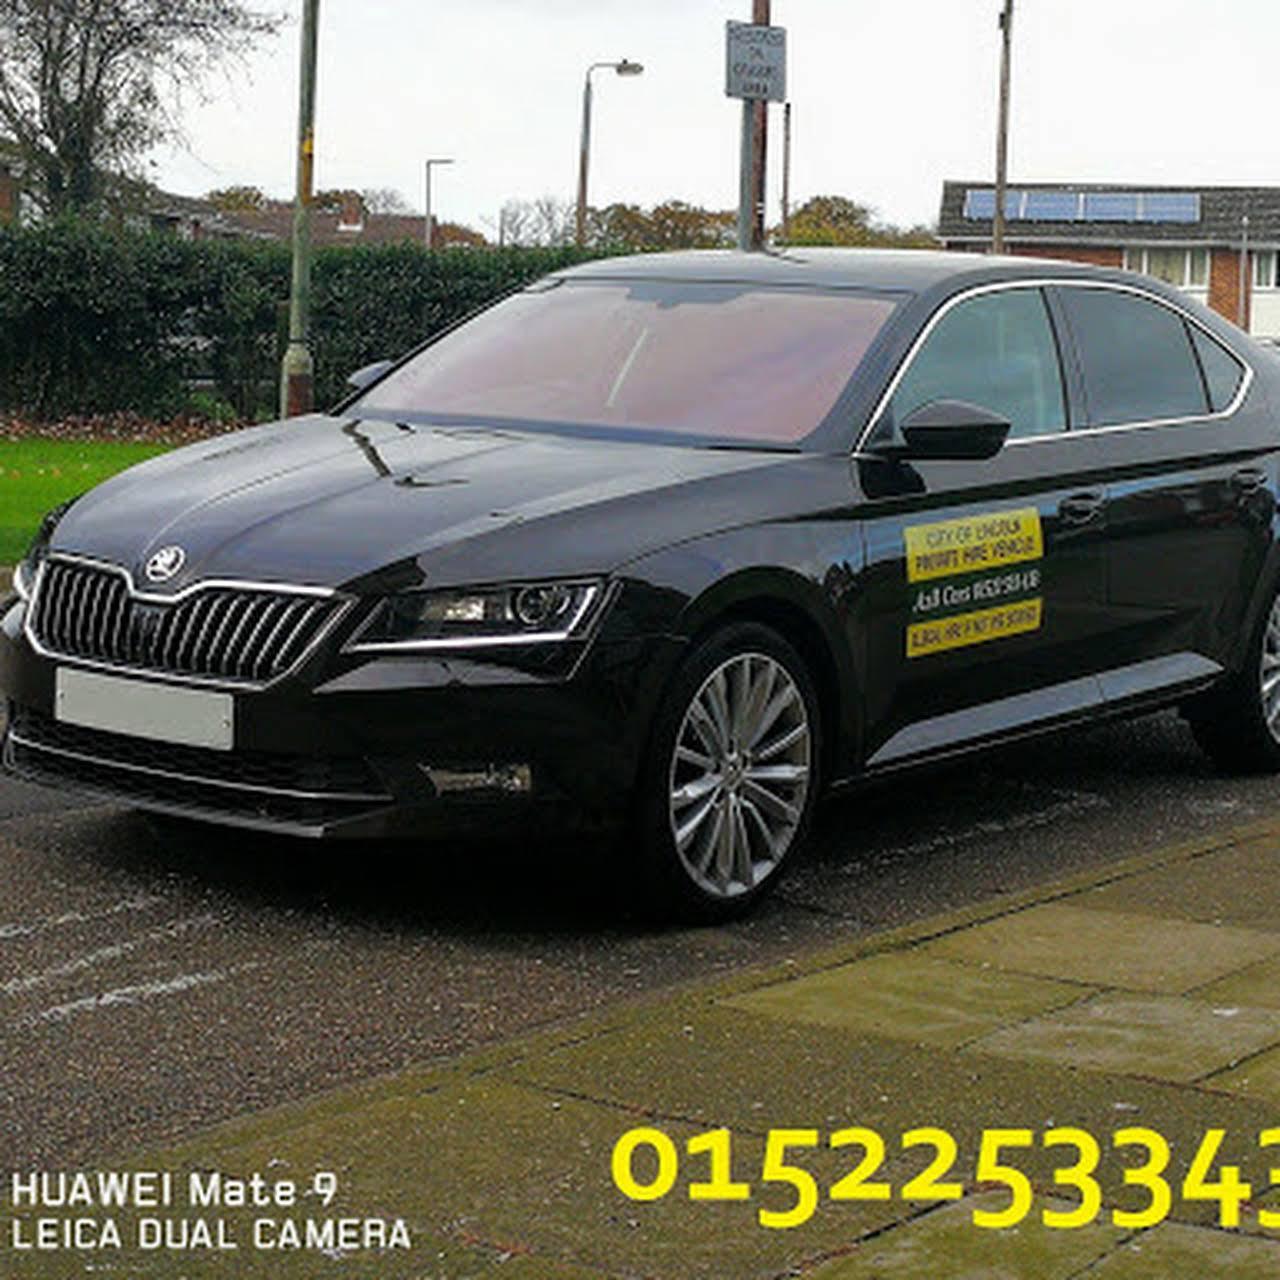 A2b Cars Lincoln Taxi Private Hire Service